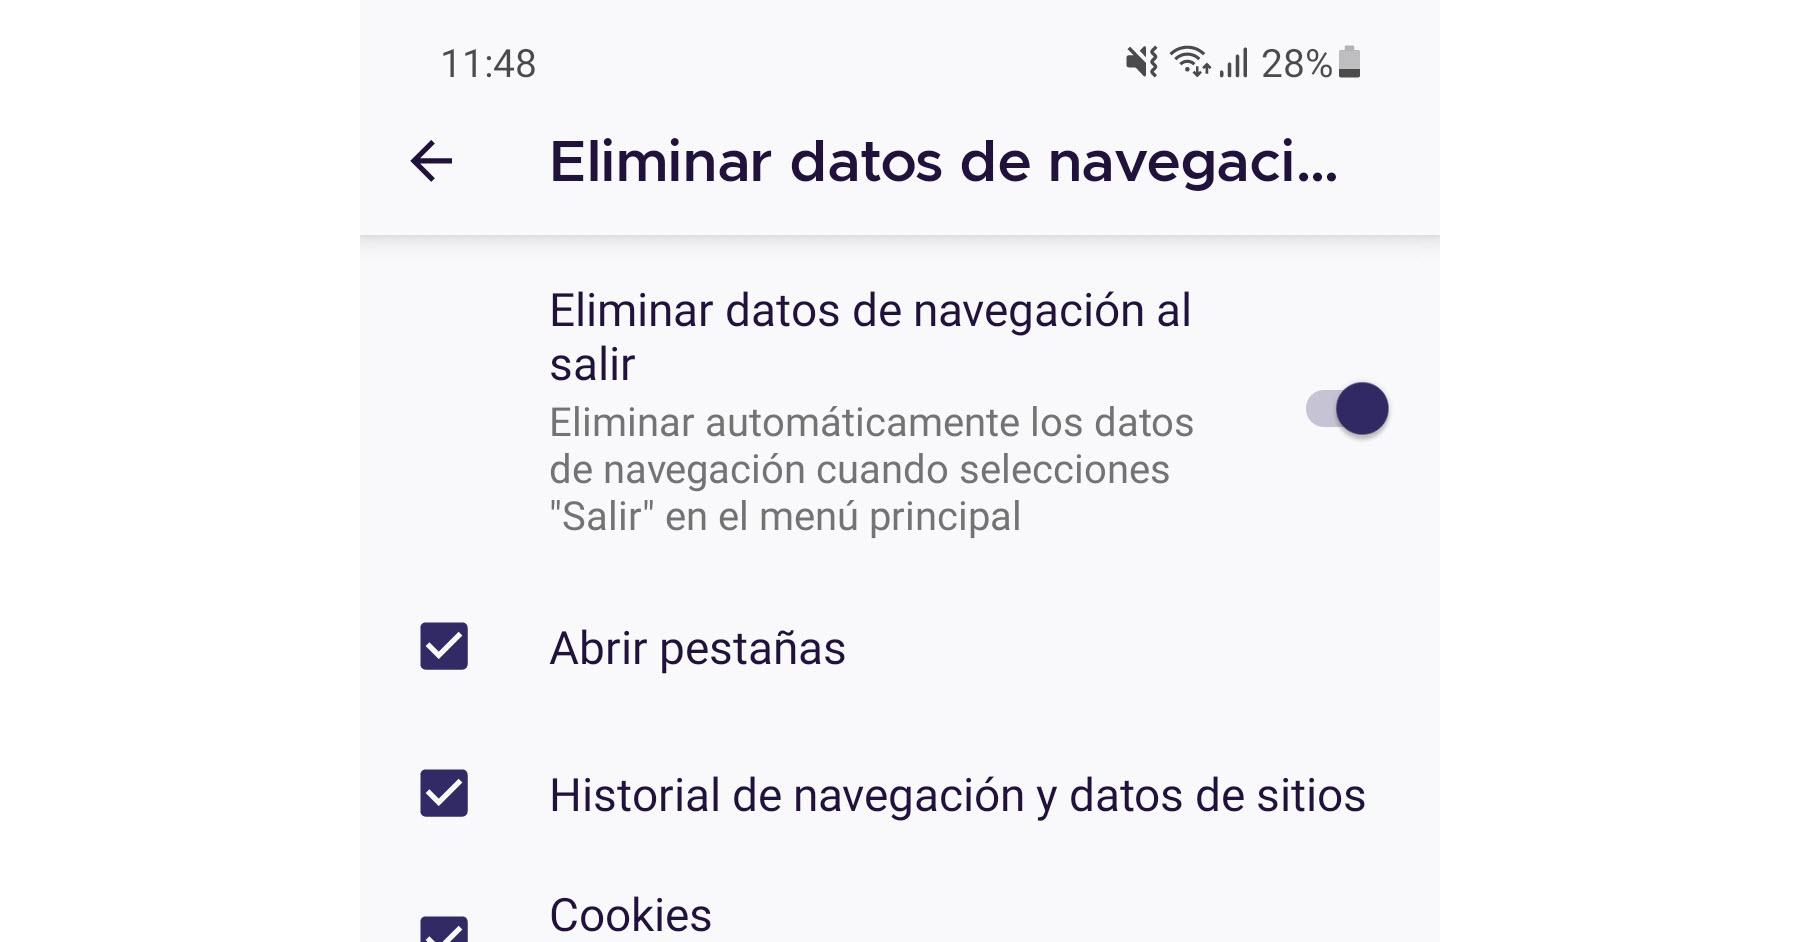 Este navegador elimina el historial de navegación automáticamente al salir